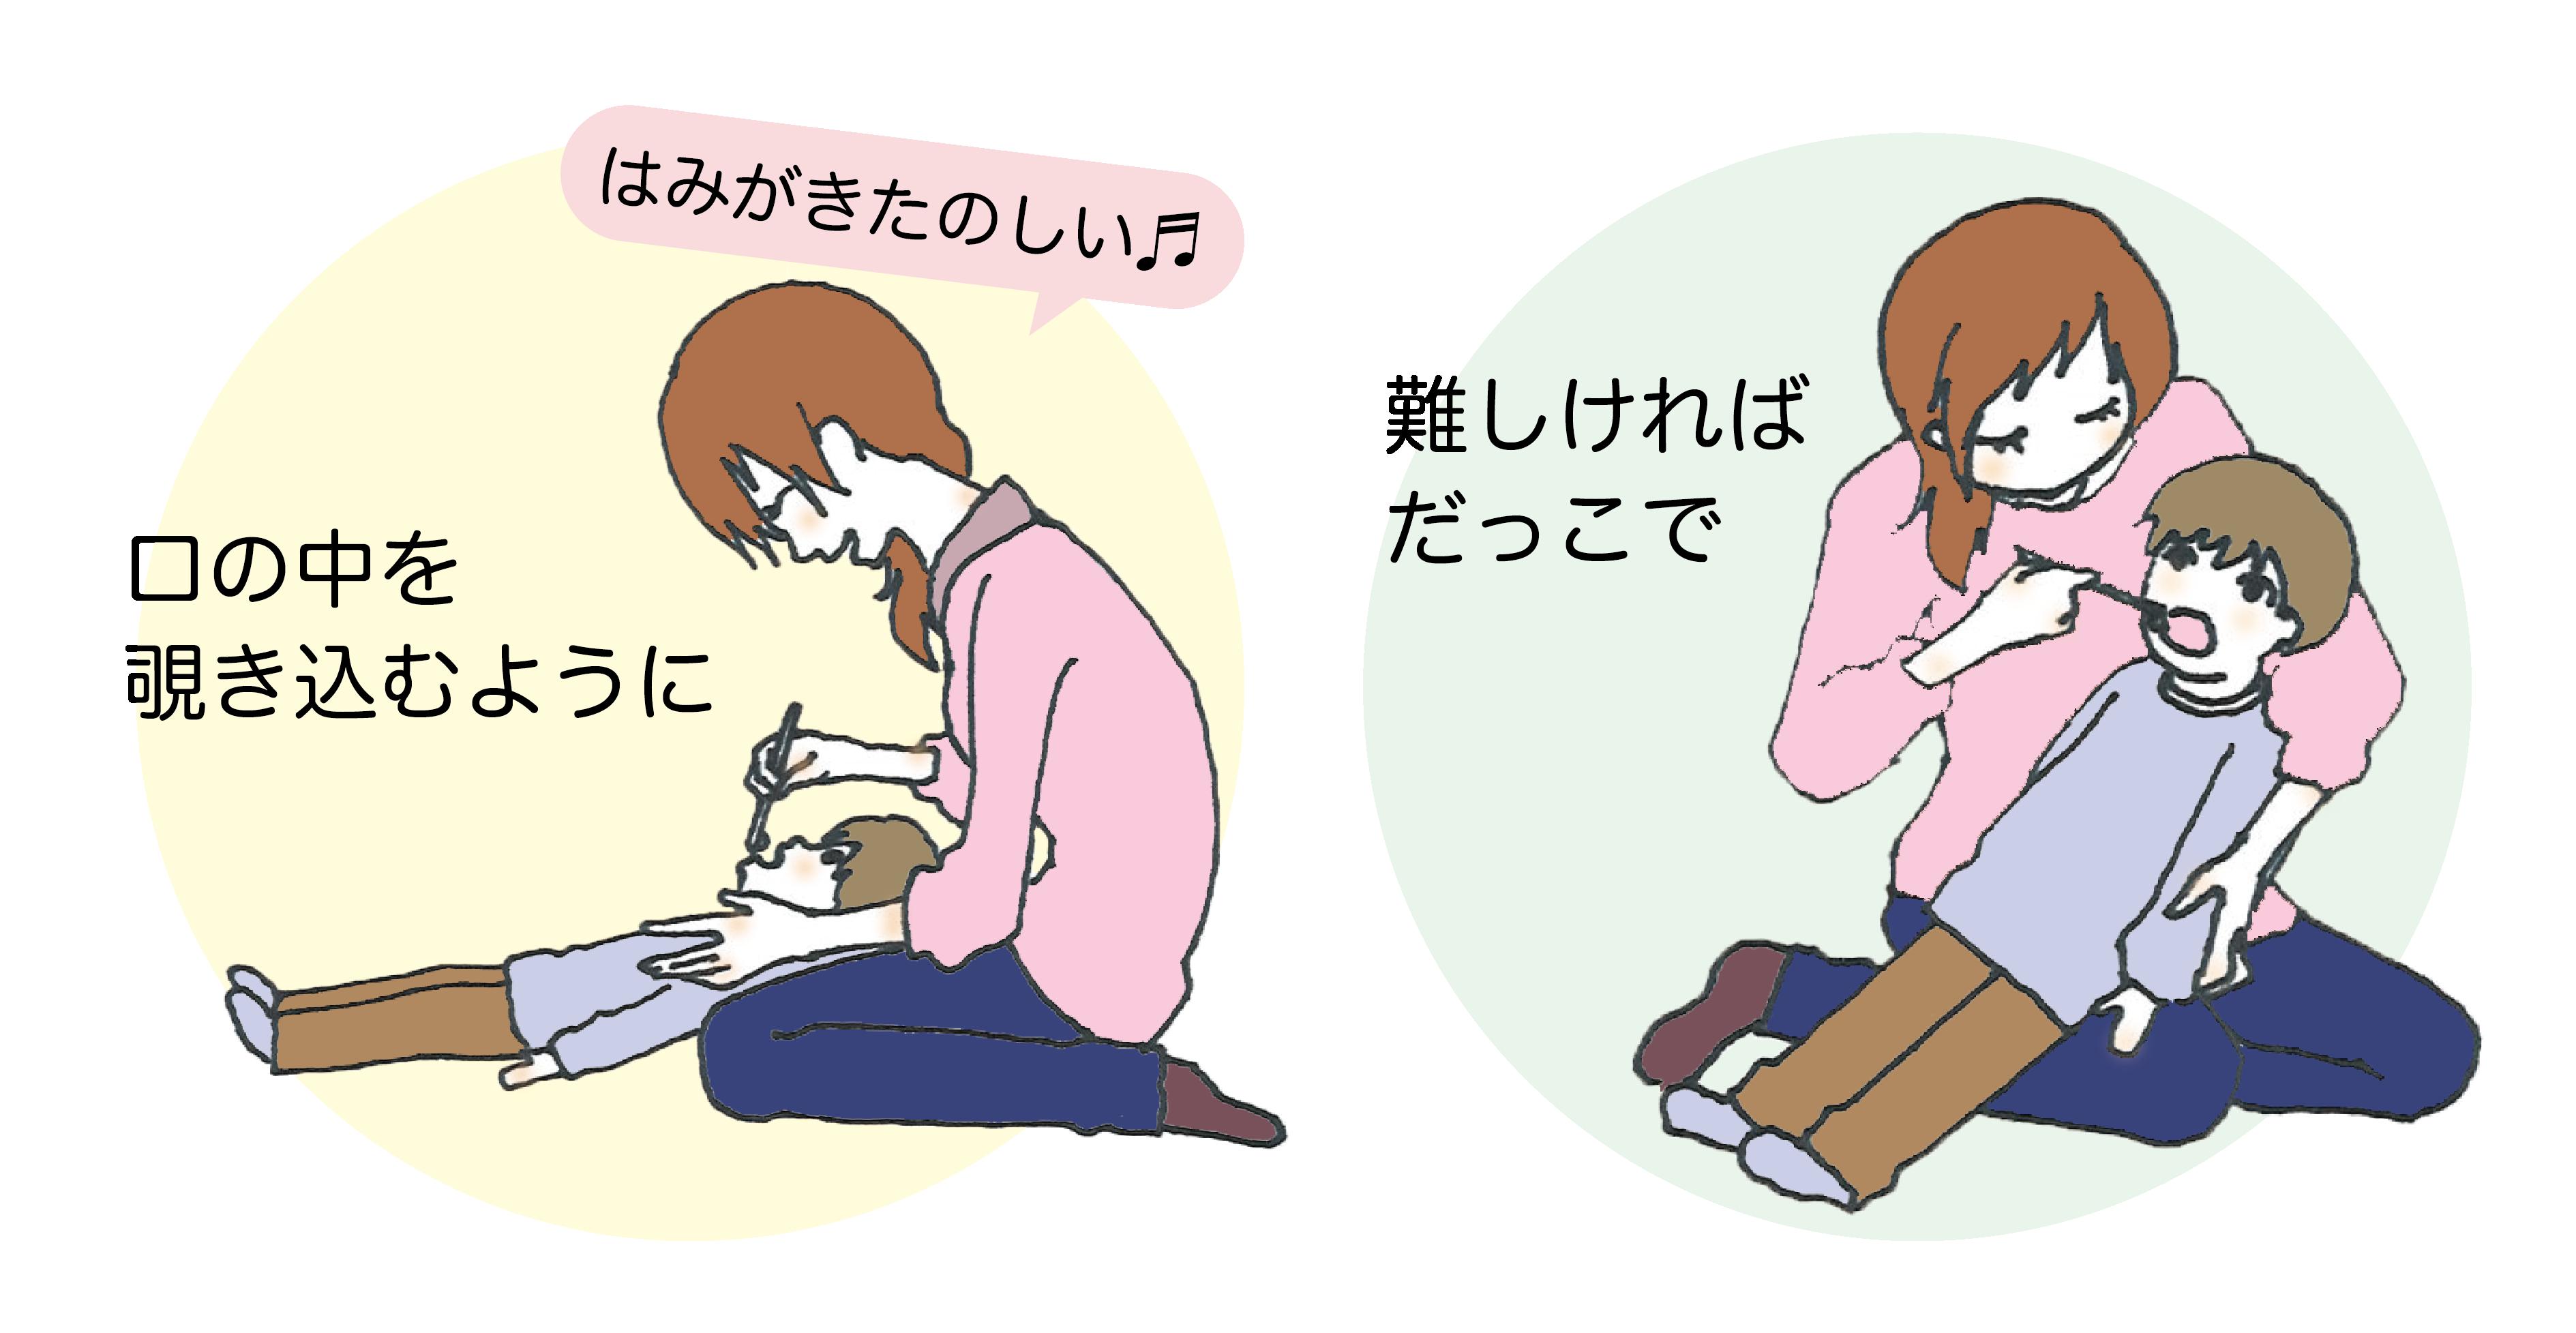 歯磨きの姿勢